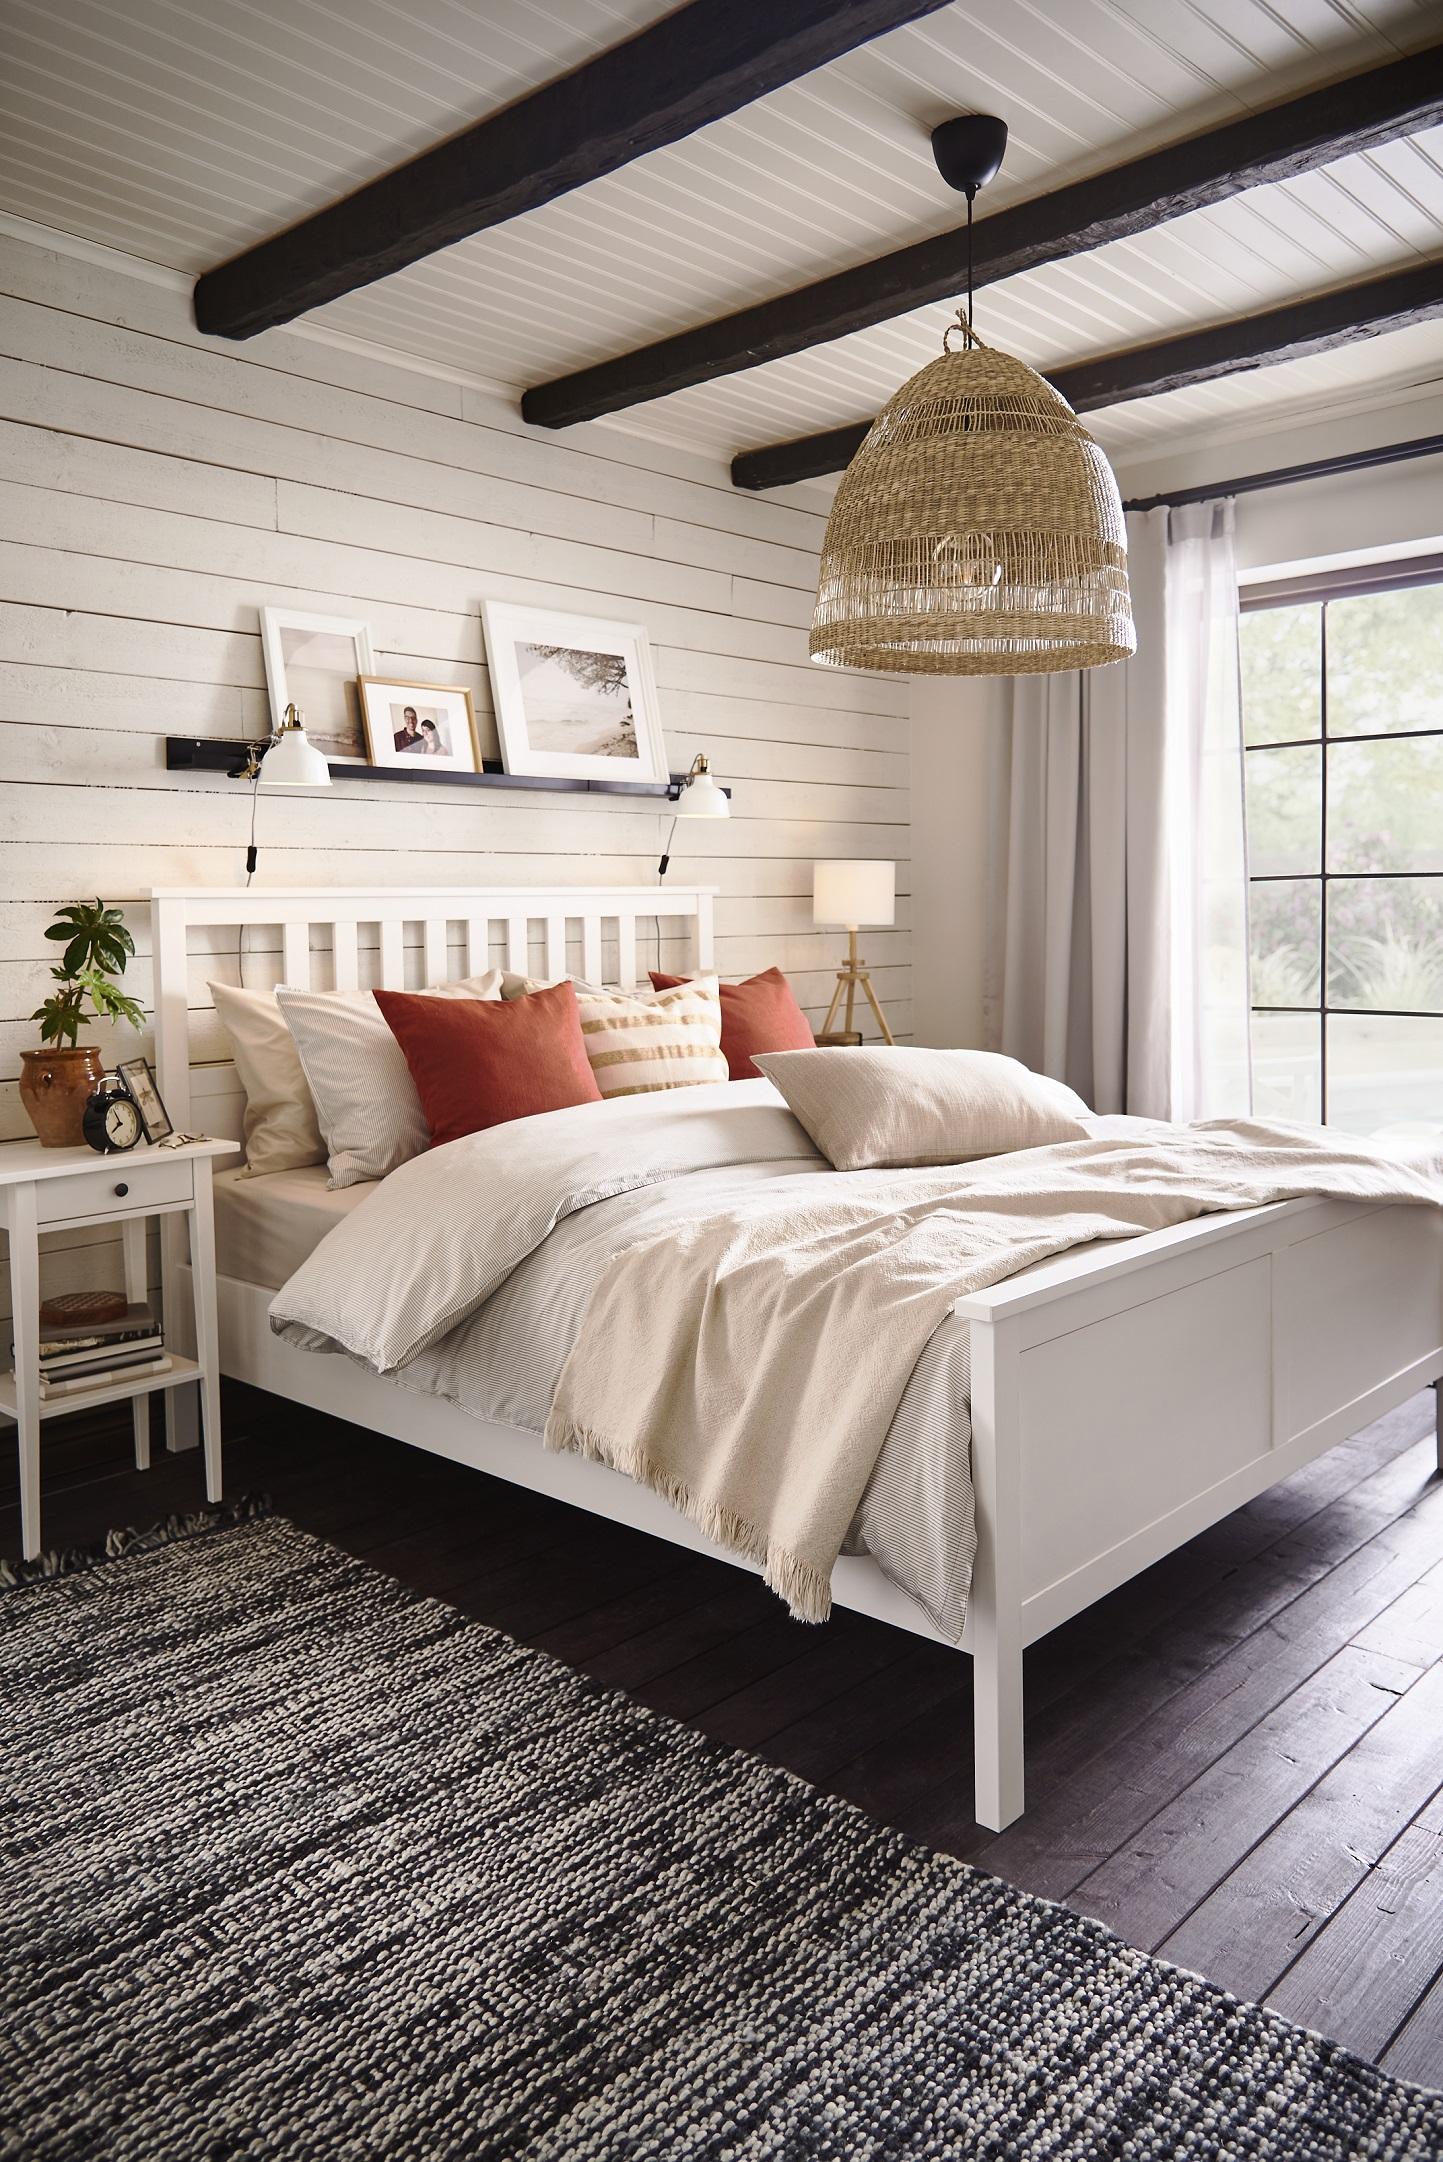 biala-sypialnia-z-drewnem-na-scianie